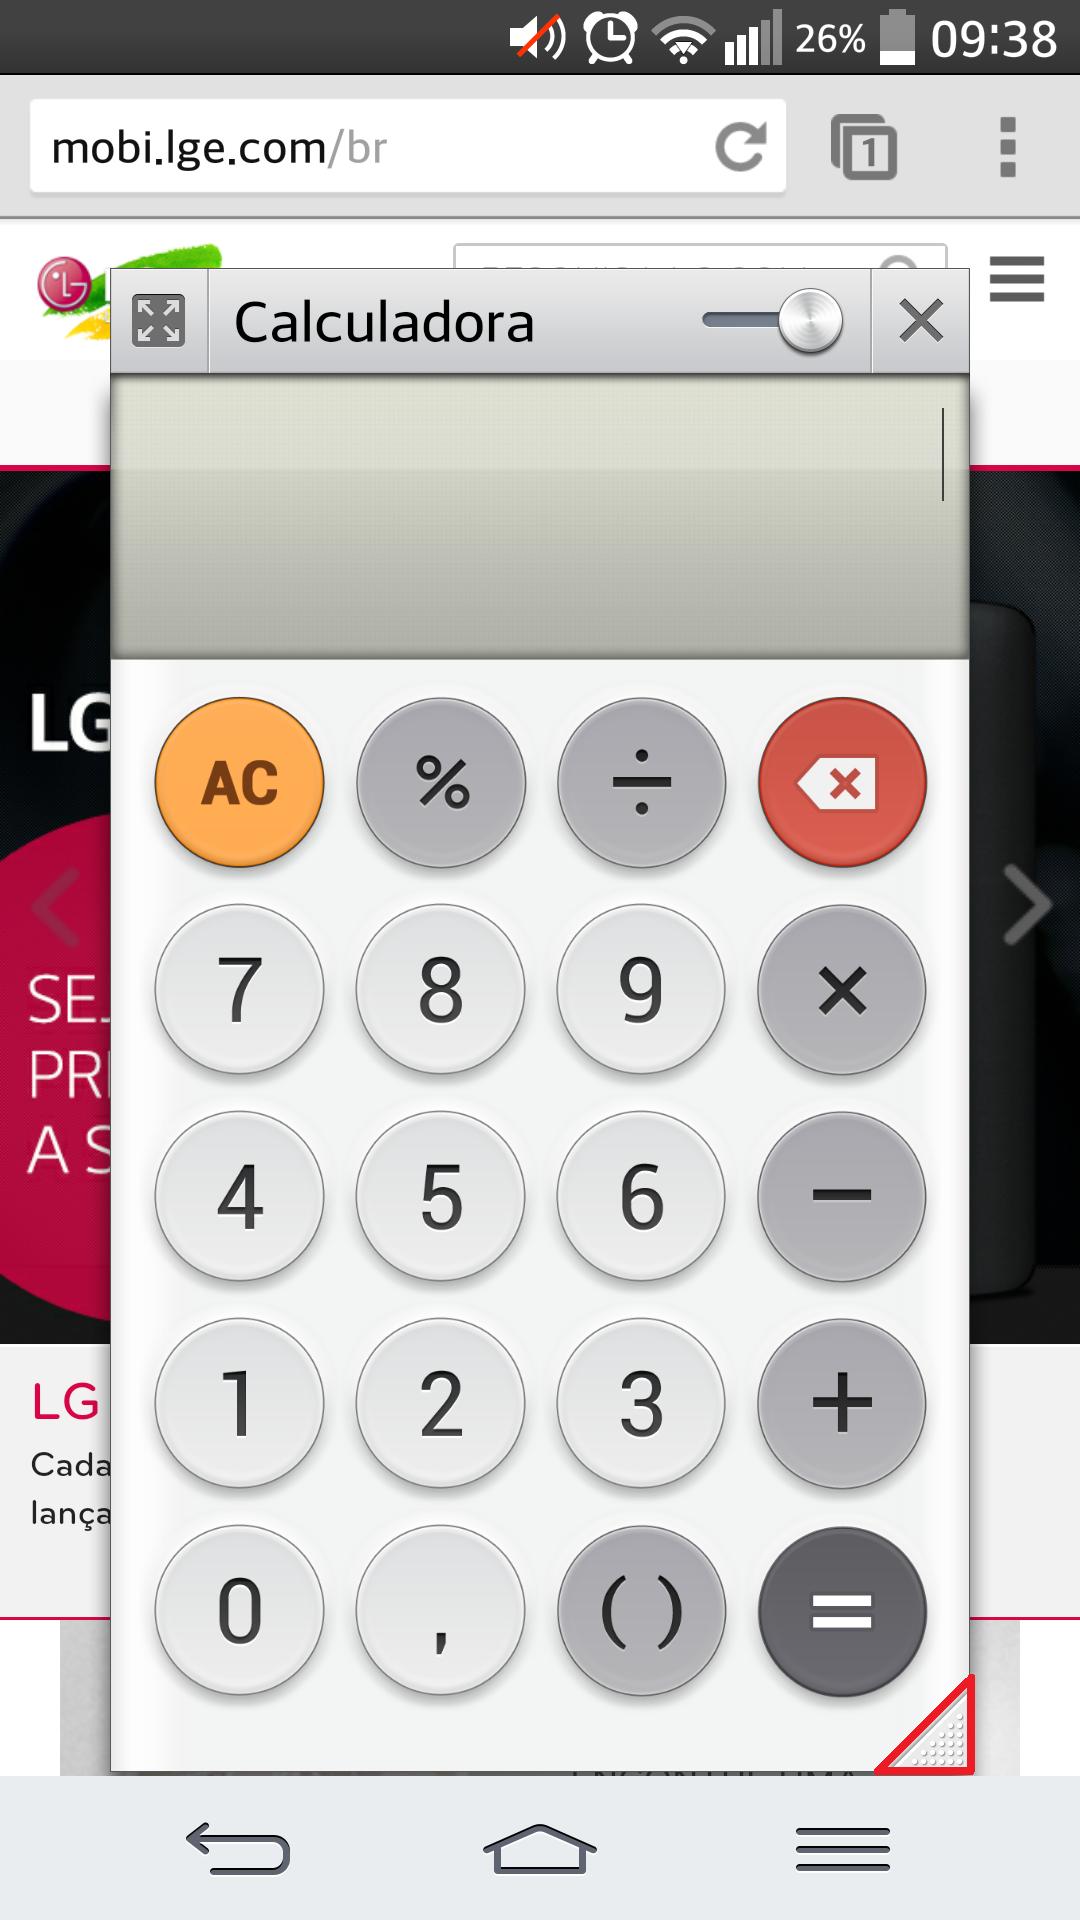 é possível redimensionar o tamanho do aplicativo a ser exibido via QSlide, através do ícone em formato de triângulo no canto inferior direito. Basta tocar, segurar e arrastar.